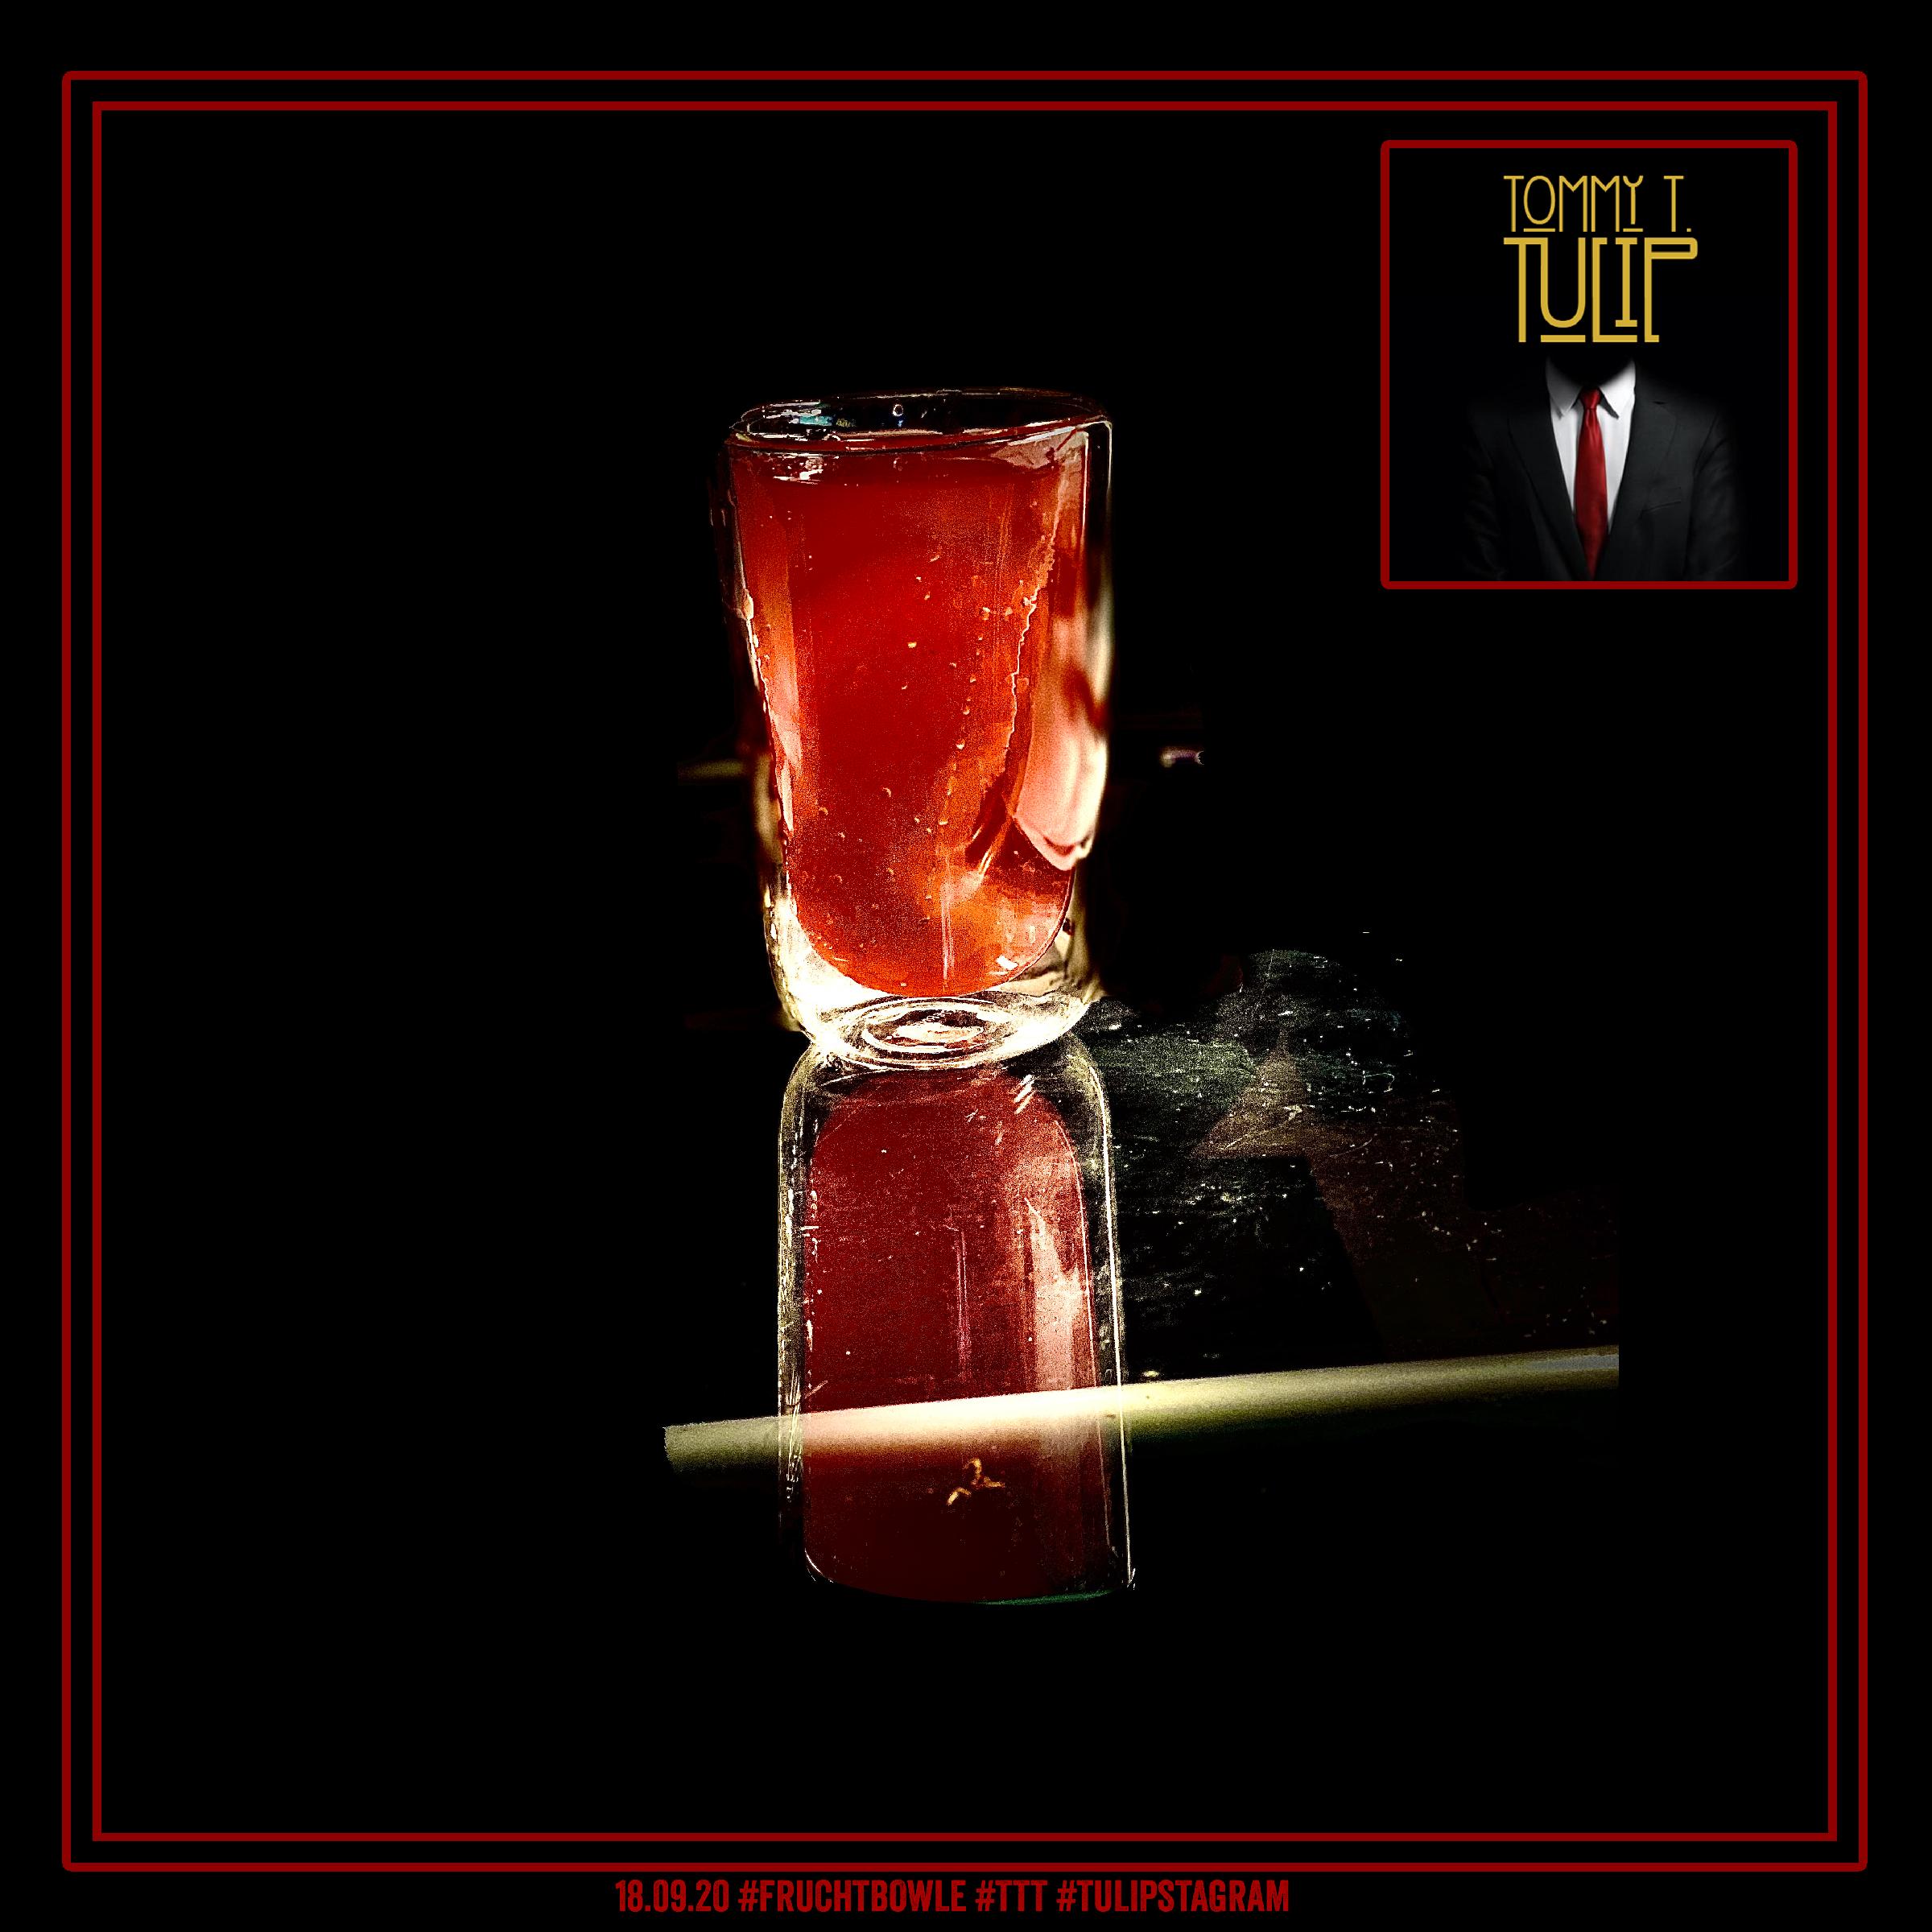 18.09.20 #Fruchtbowle #TTT #Tulipstagram